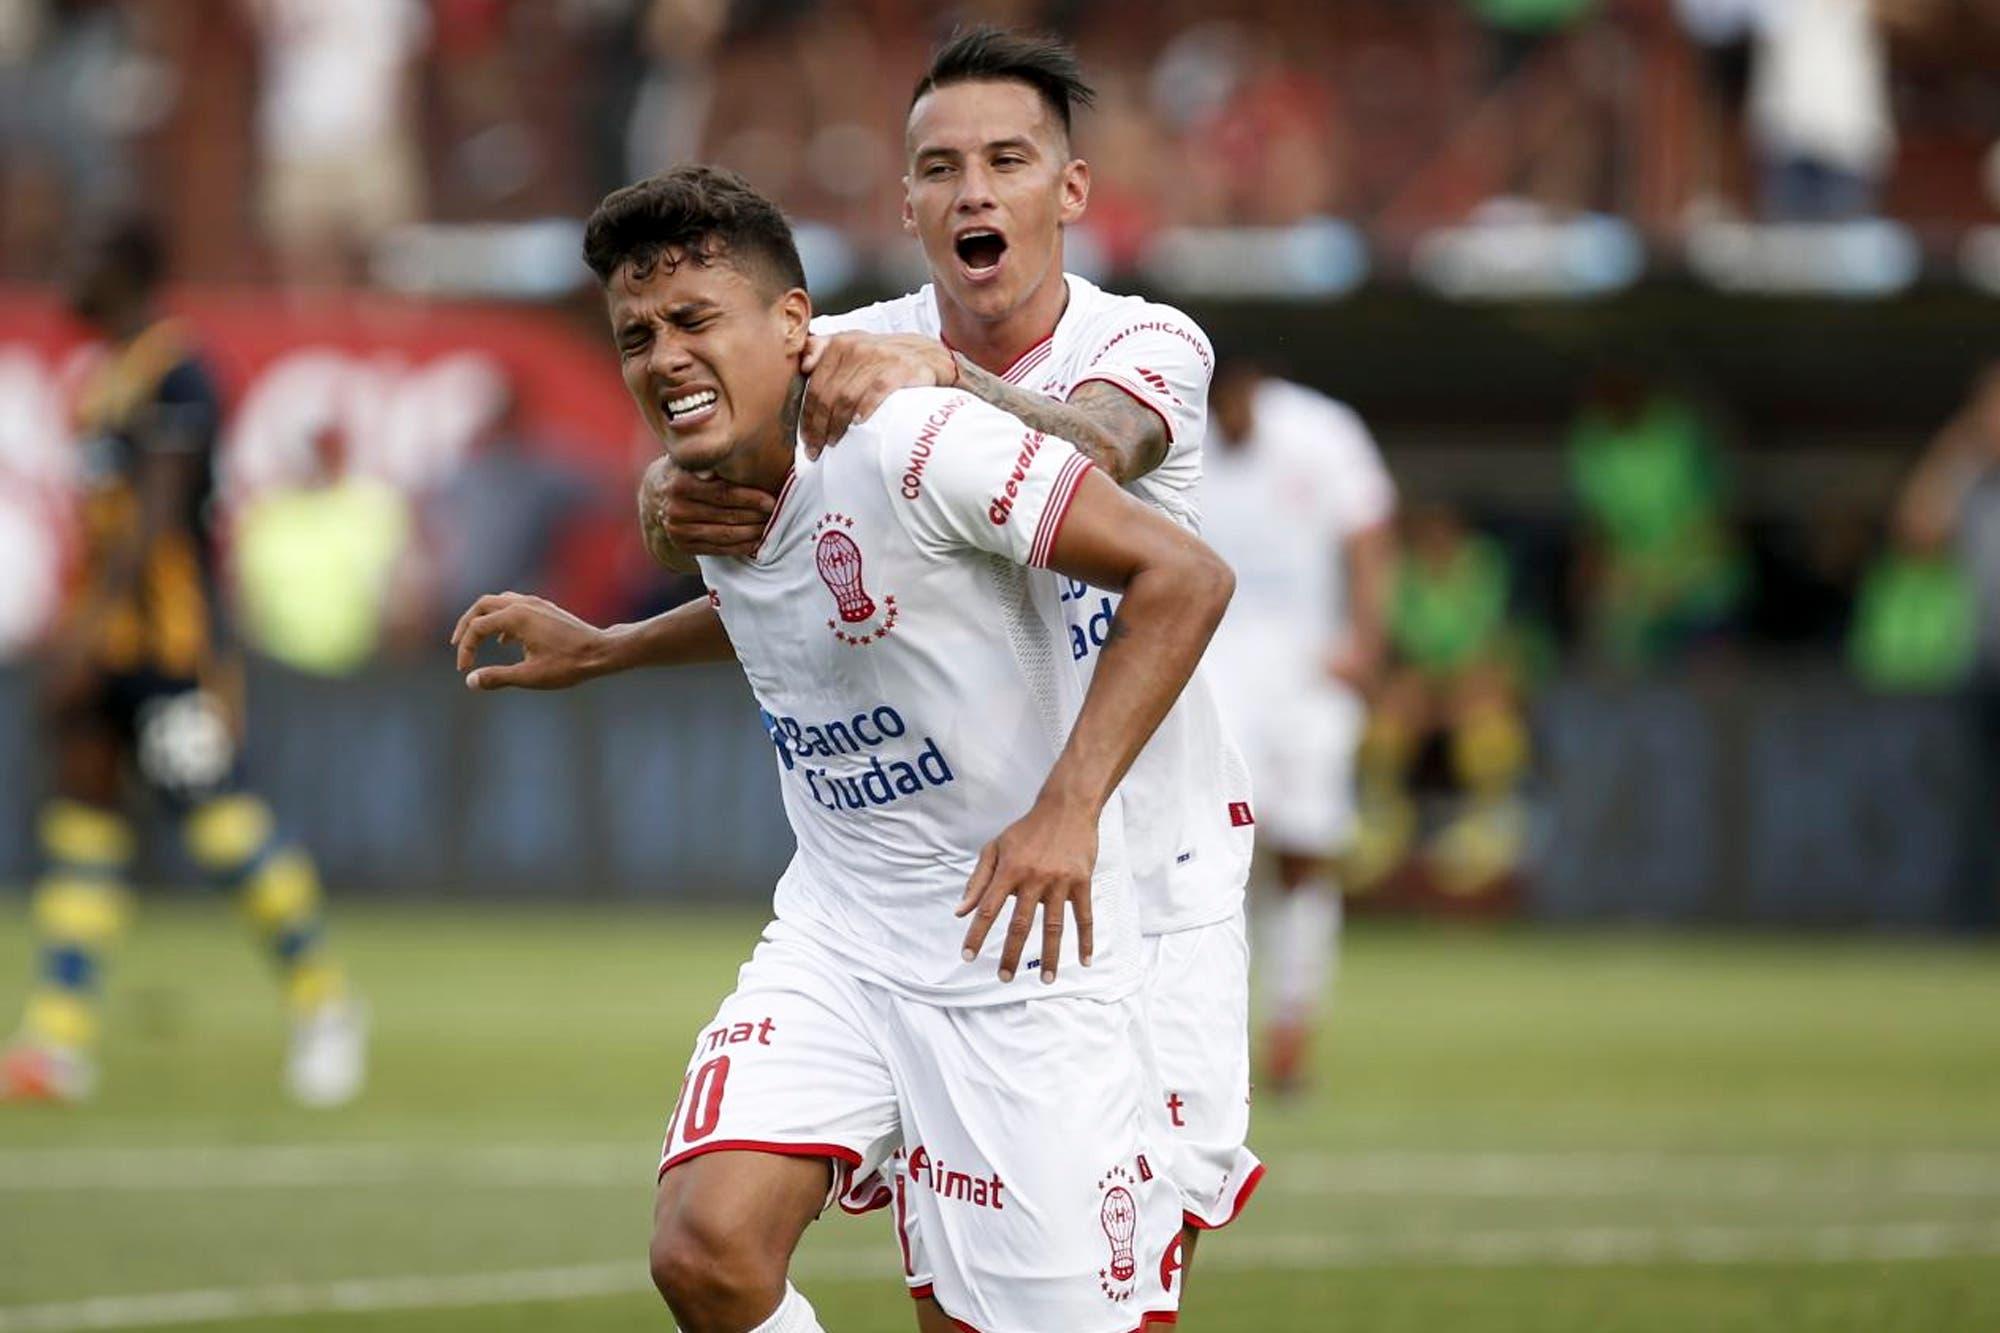 Las perlitas de Huracán-Rosario Central: un gol de un jugador lesionado, el festejo de Barrios con su hijo y la gresca del final